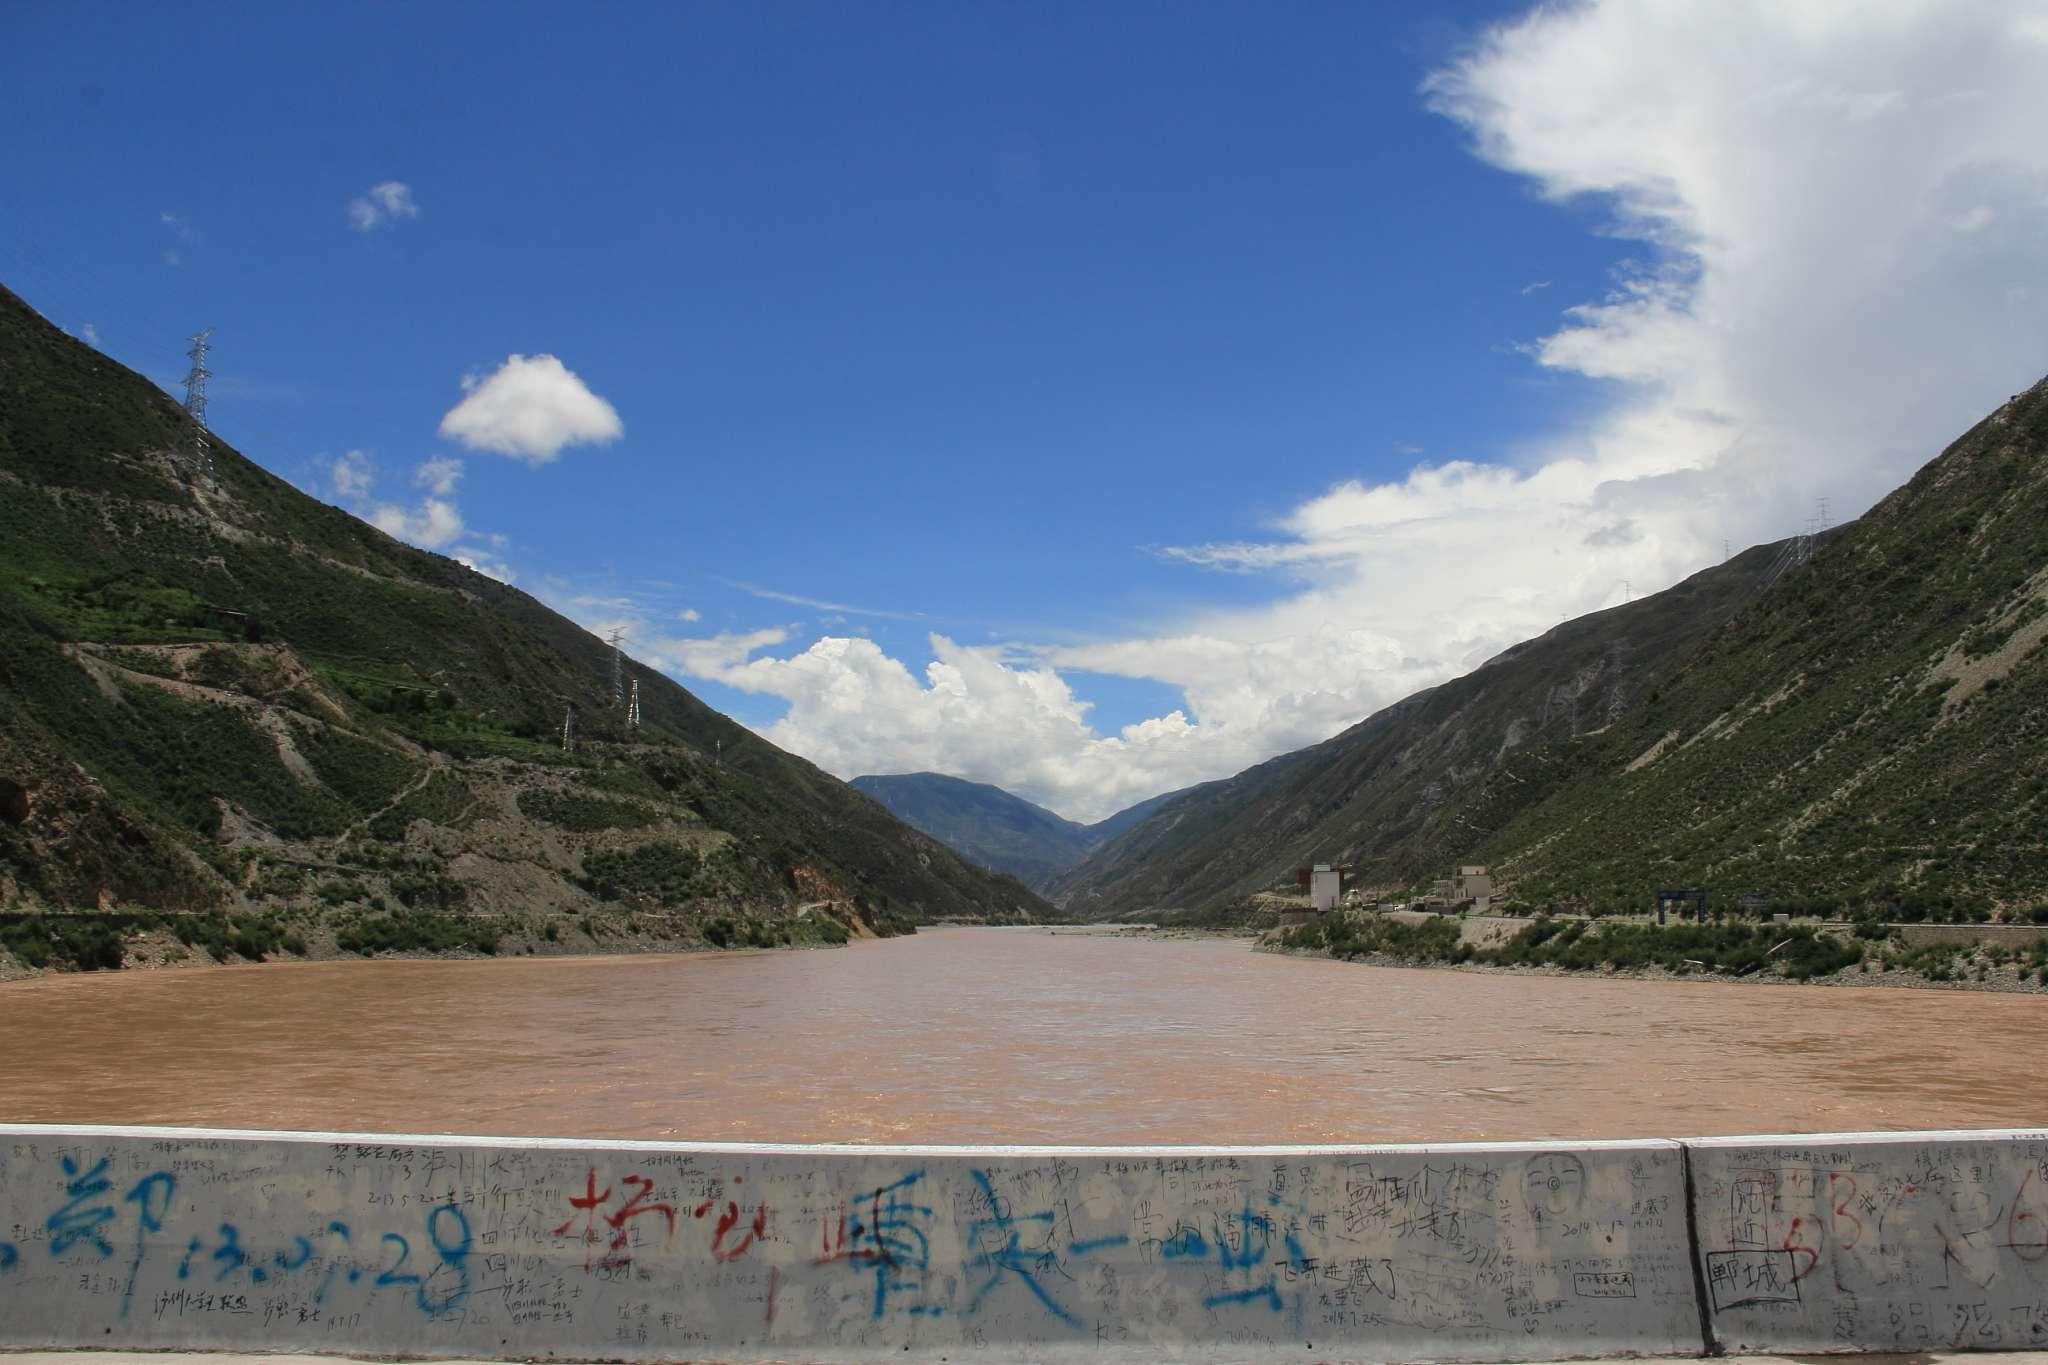 7月26日,巴塘县(K3323/海拔2580)-金沙江大桥(K3360/海拔2490)-温泉山庄(K3371/海拔2635),半日50km,总里程:865km。 巴塘县是川藏线四川境内的最后一个县城,从巴塘县跨过金沙江就进入西藏界的芒康县了,进入西藏界就开始刷身份证检查,那个关卡叫朱巴龙,而大桥东侧属于巴塘县的叫做竹巴龙,同音不同字的两个村子隔金沙江相望并分属两个省区。 大家对于今天的行程再次产生分歧,最终我和微姐、小崔决定留在温泉山庄,休息半天,而其余队员则从温泉山庄搭车去芒康县休整一天等我们。 温泉山